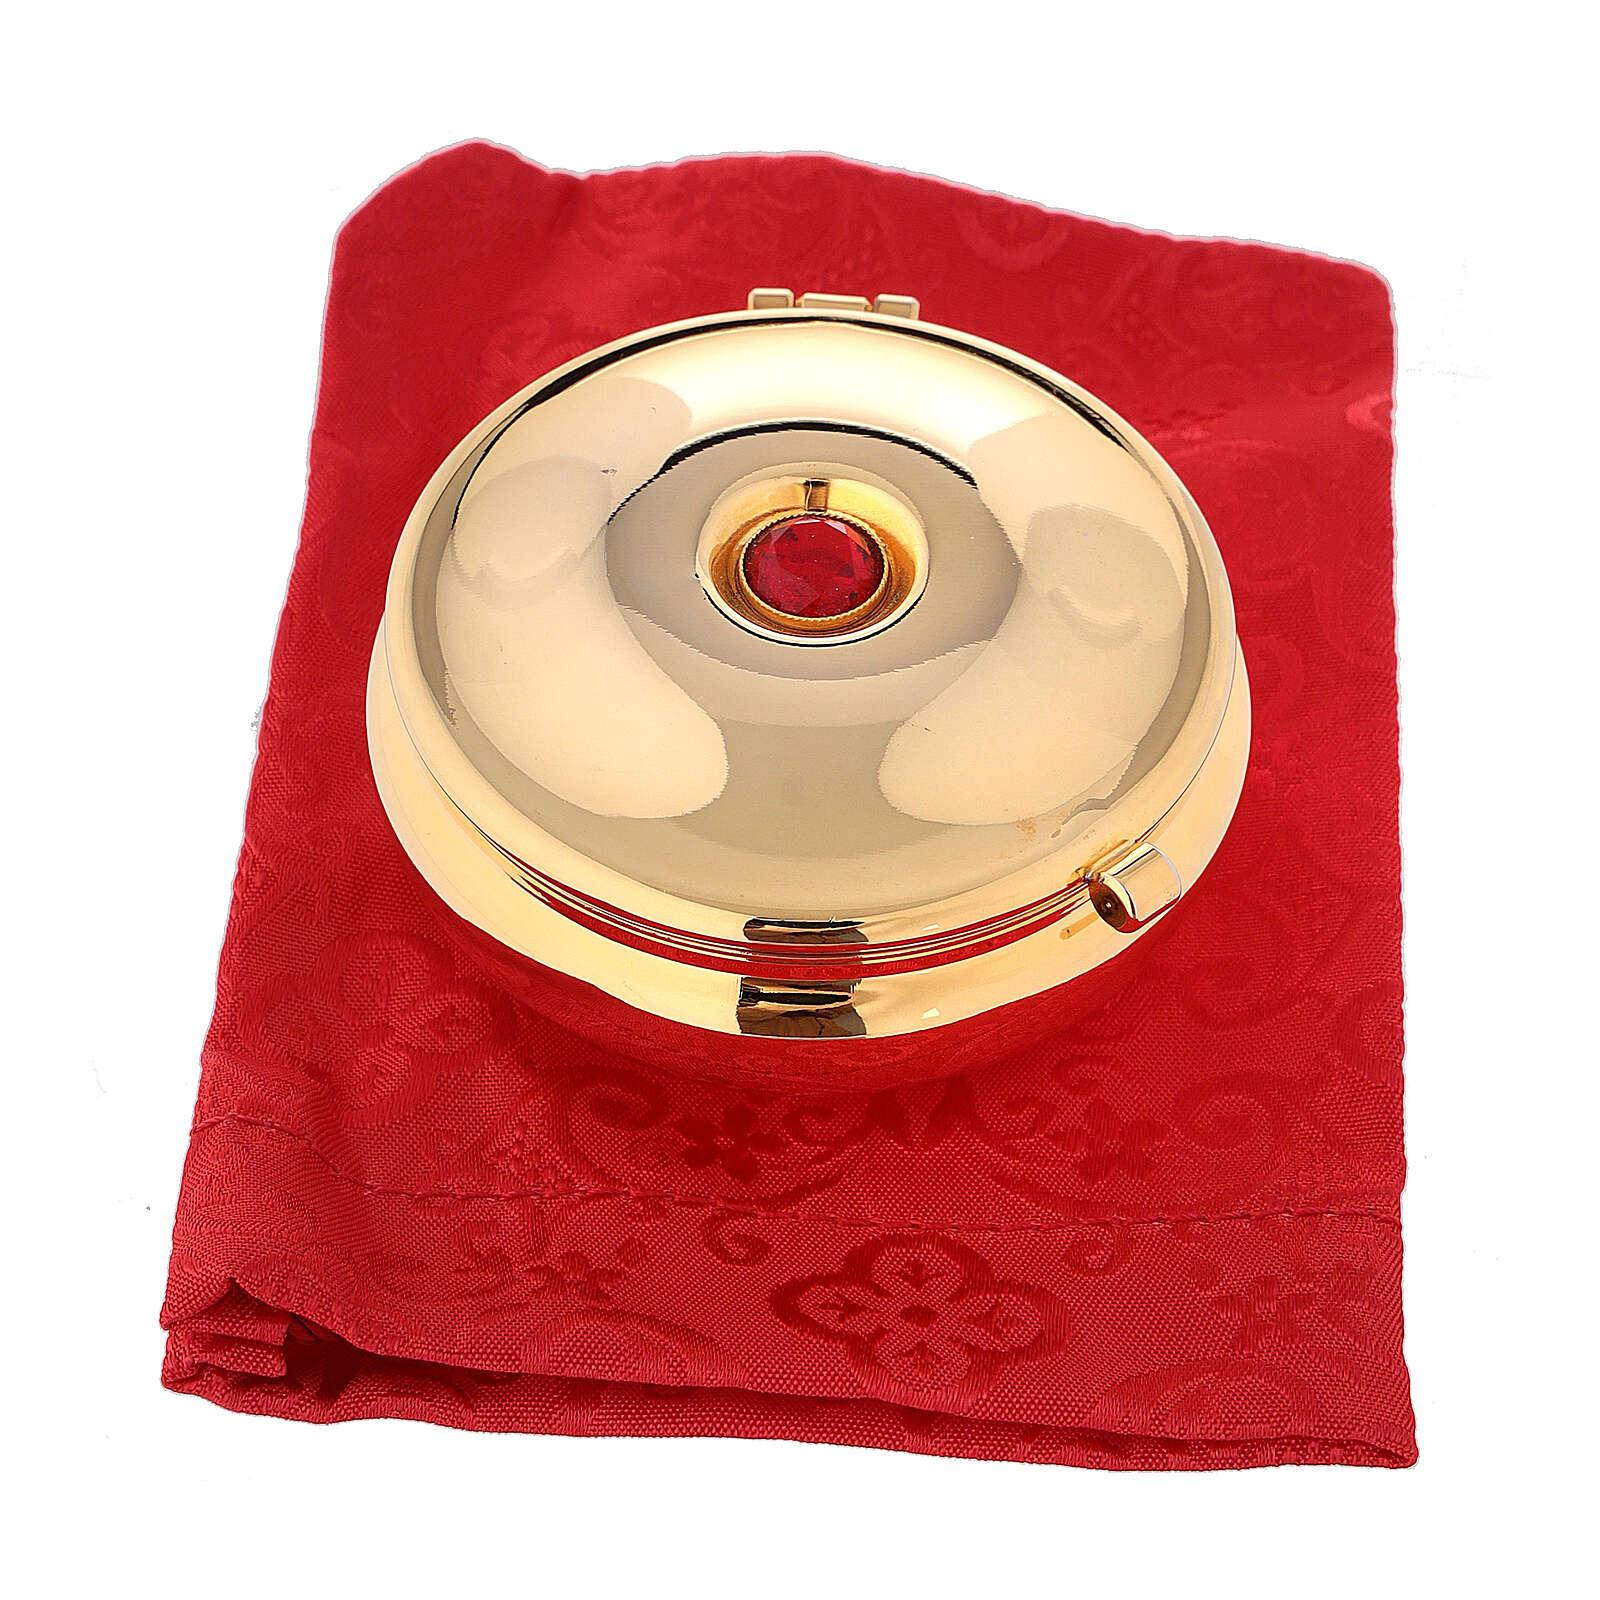 Relicario dorado con piedra roja y saco rojo 3